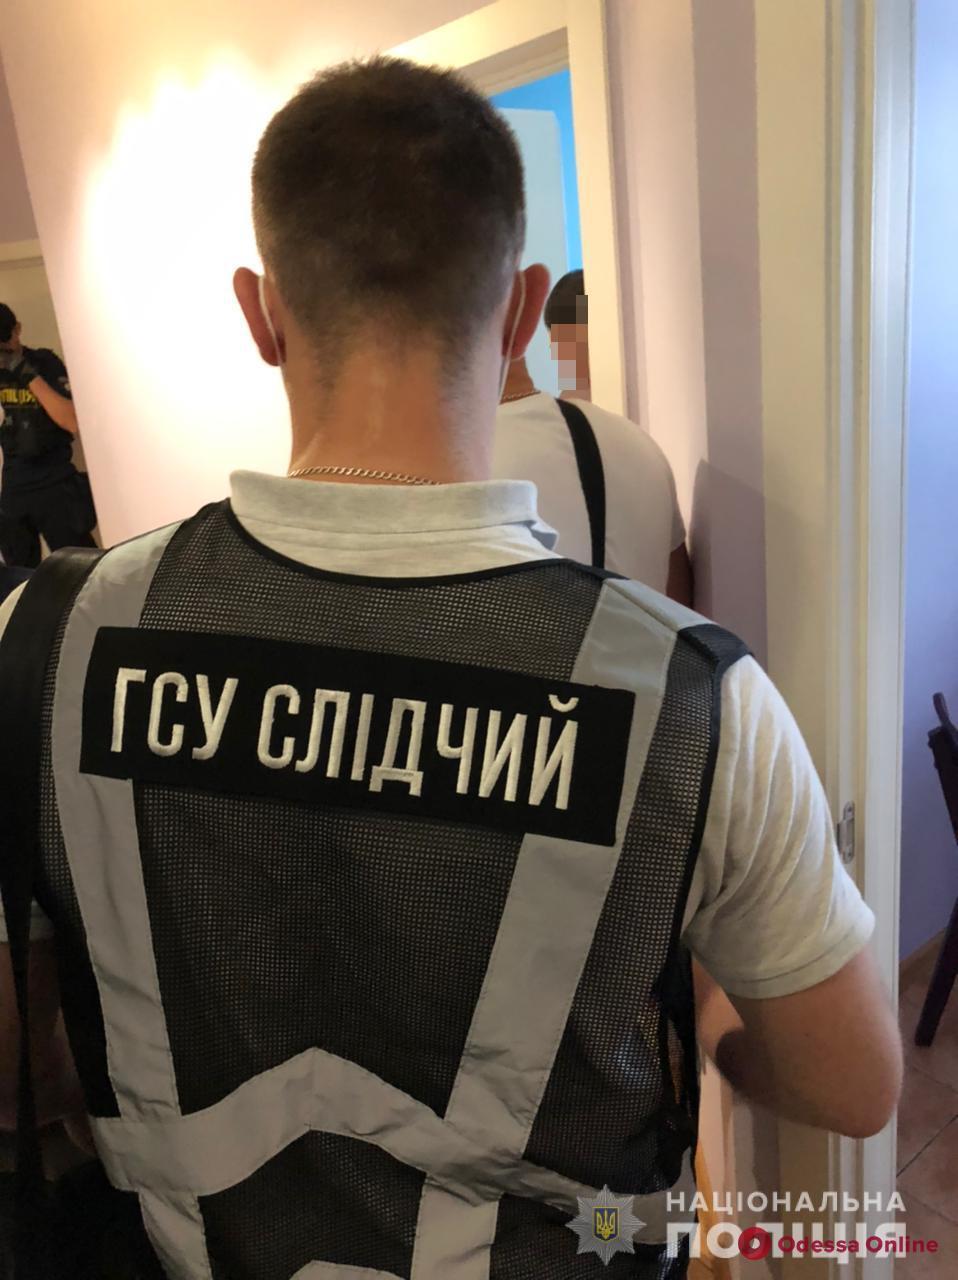 Обещал победу в тендере: чиновника Минобороны из Одессы поймали при попытке завладеть миллионом долларов